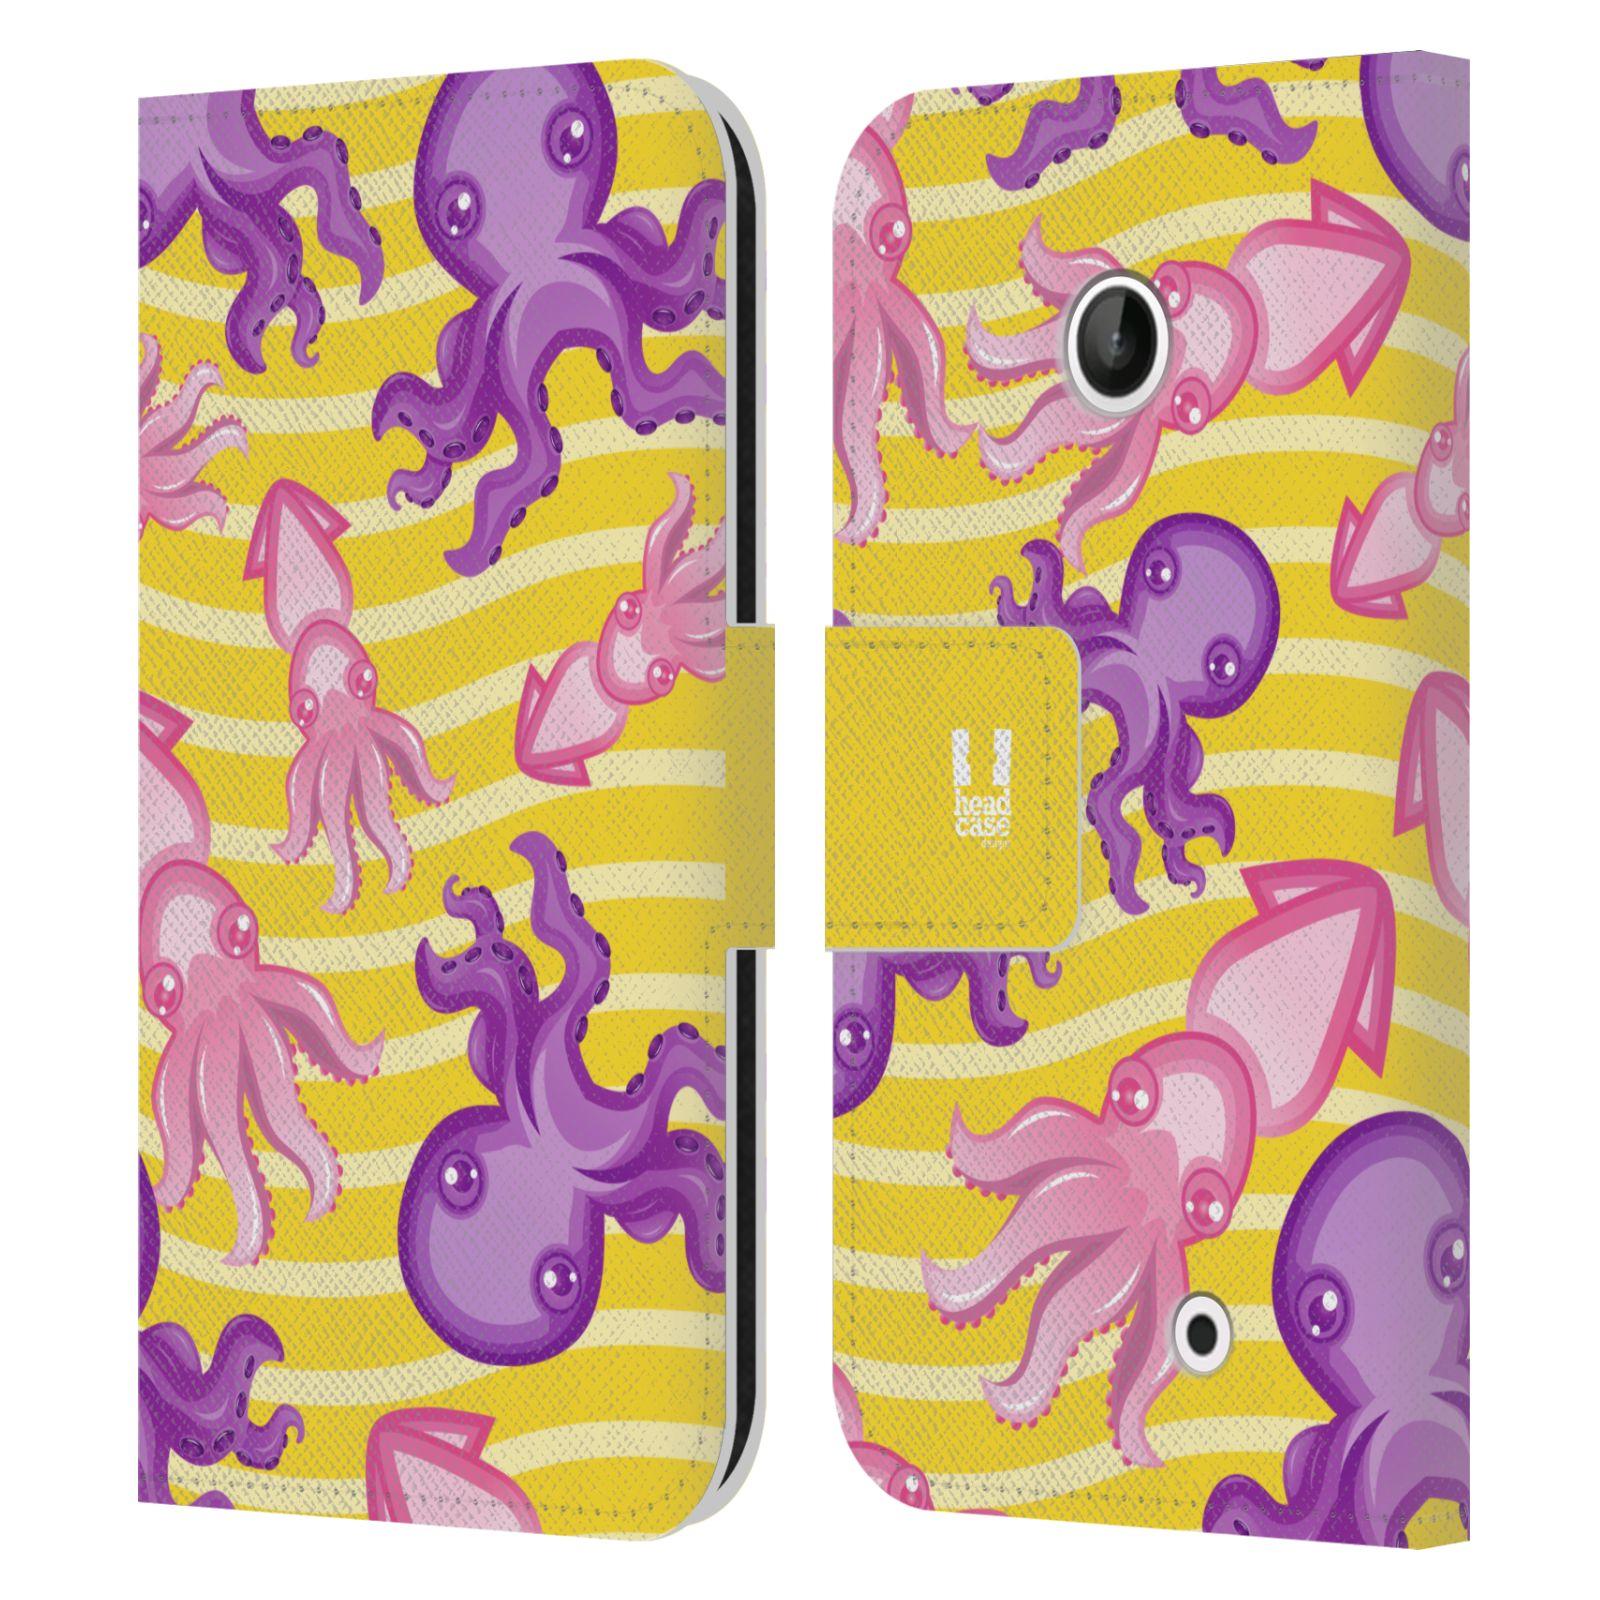 HEAD CASE Flipové pouzdro pro mobil NOKIA LUMIA 630 / LUMIA 630 DUAL Mořský živočich chobotnice a krakatice žlutá barva